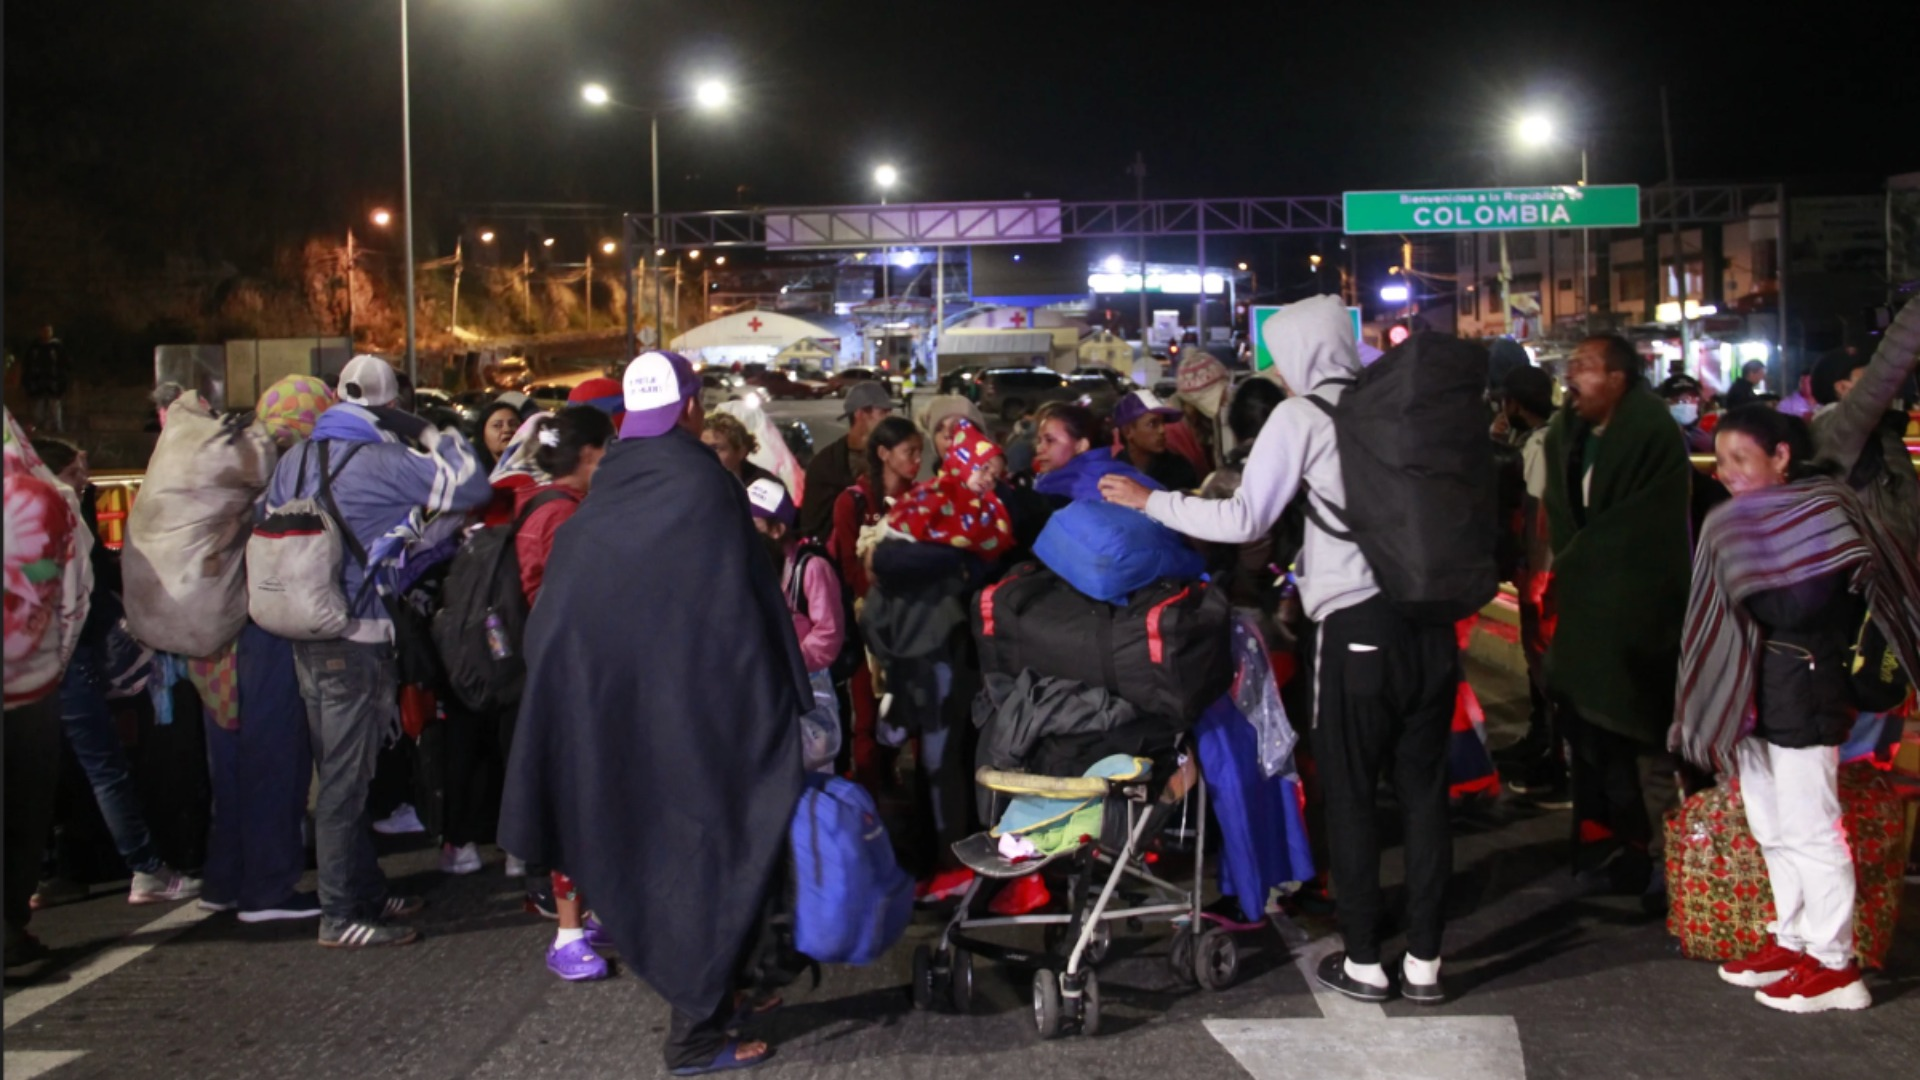 Migrantes en Ecuador claman por ser repatriados a Venezuela